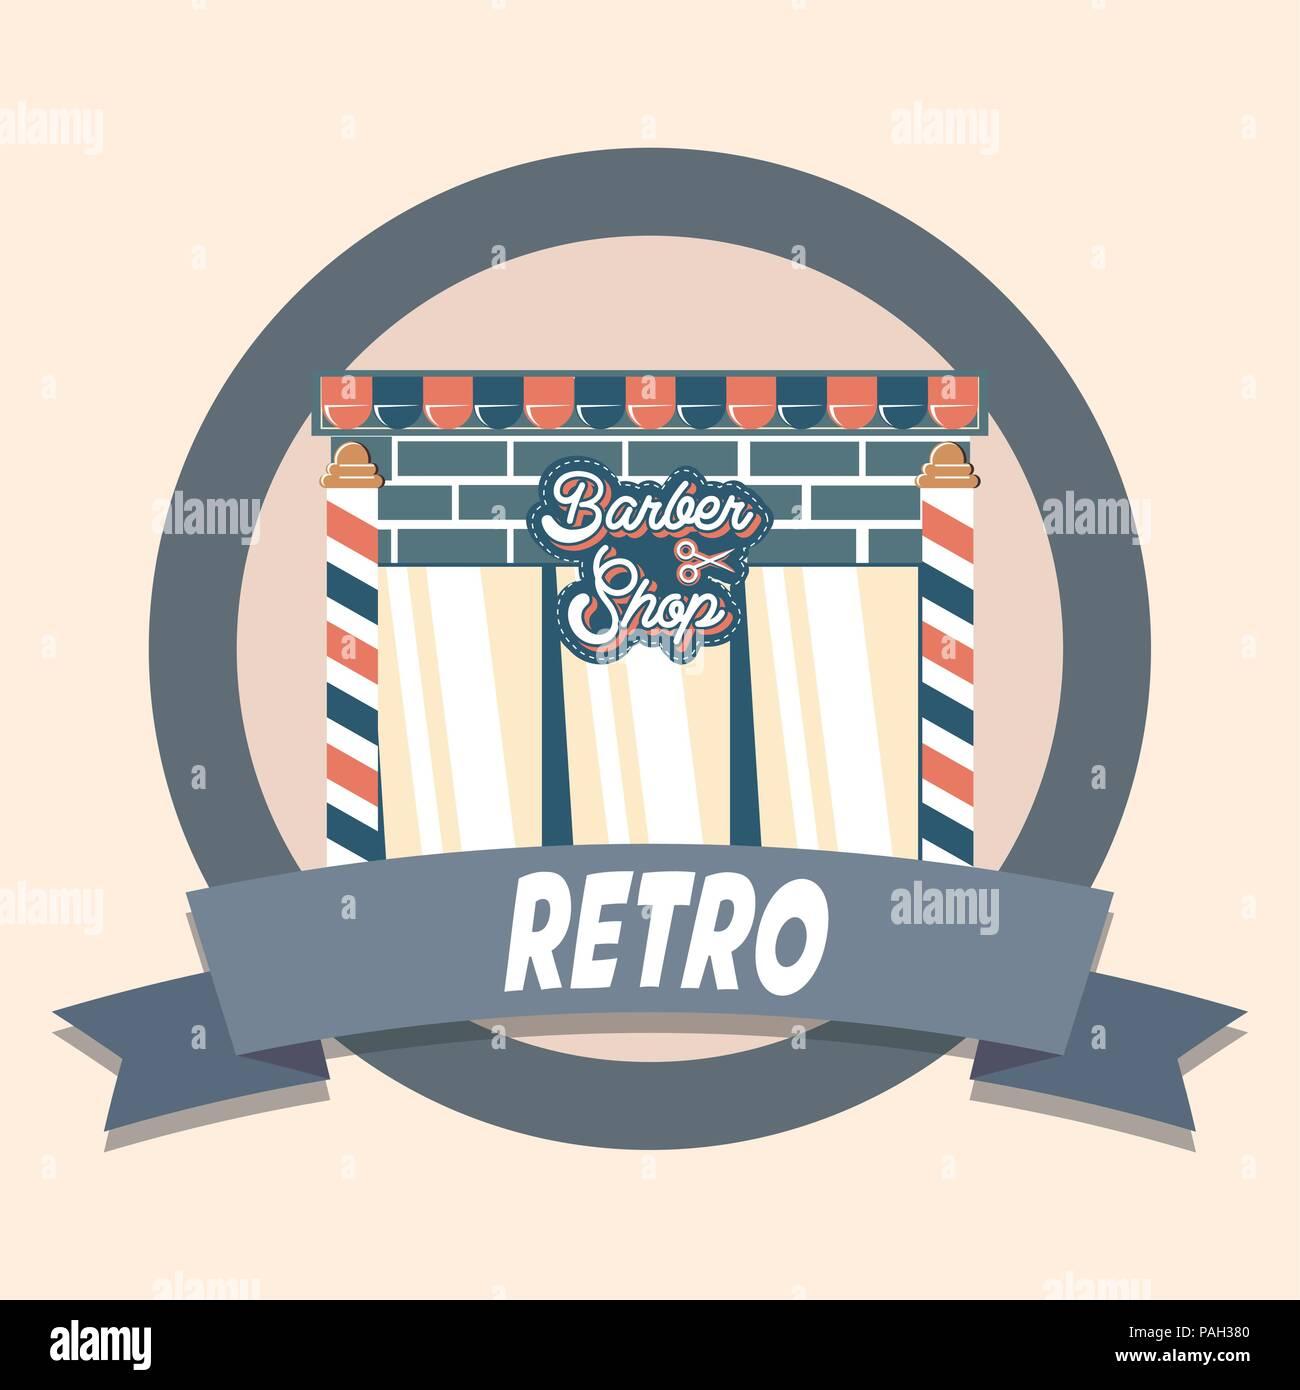 11ced5047da1 Barber shop retrò vintage shopping etichetta illustrazione vettoriale  Immagini Stock